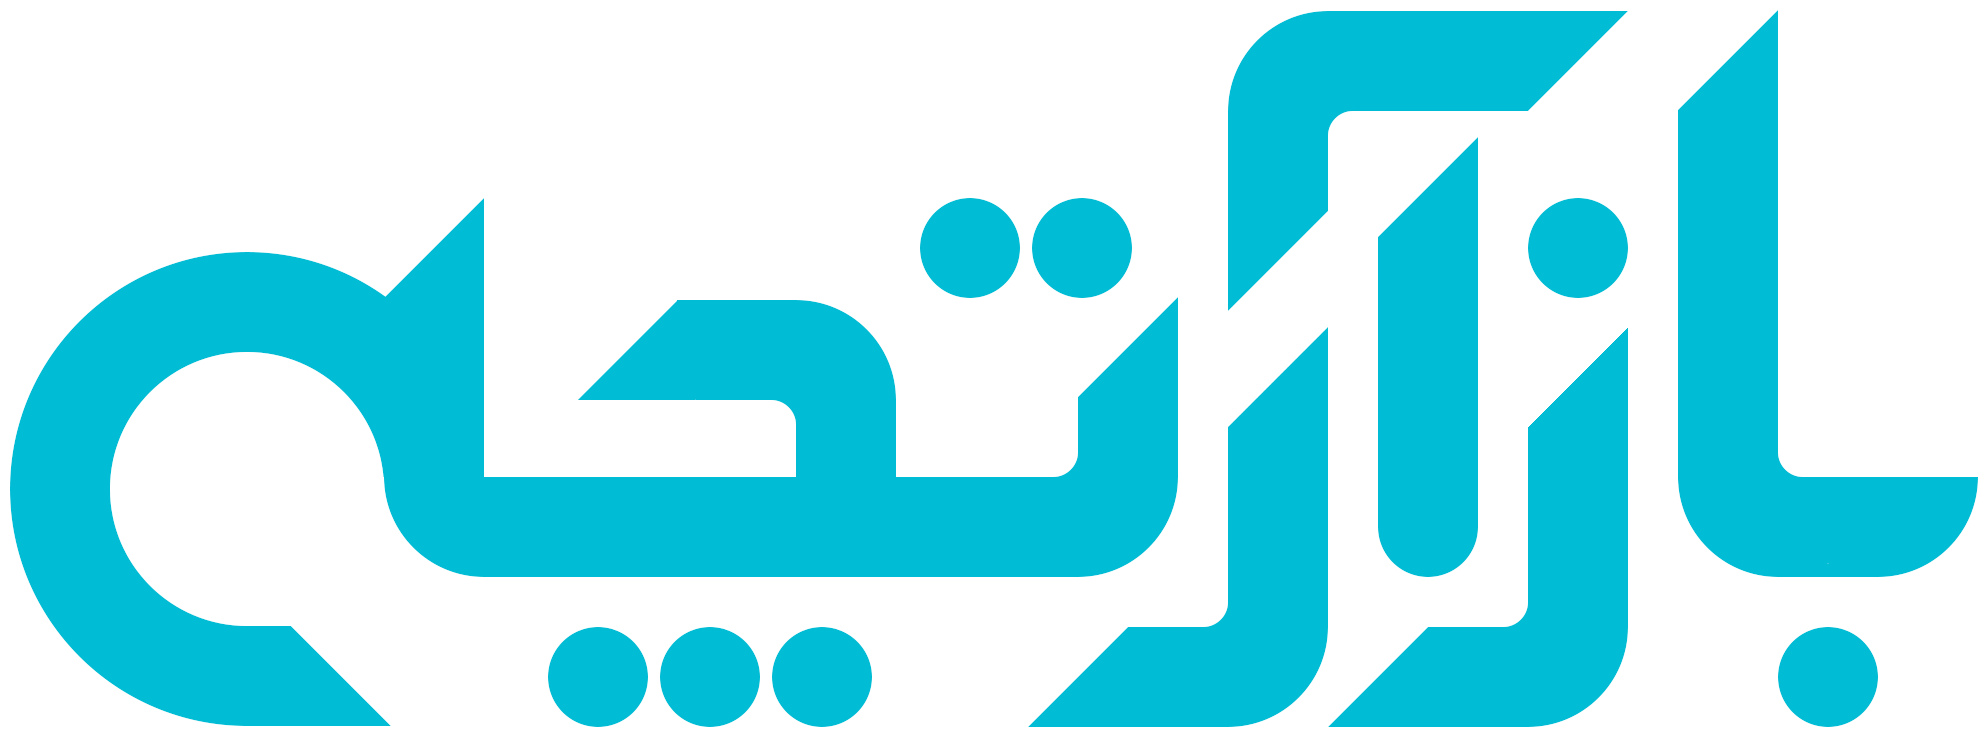 لوگوی بازآرتچه